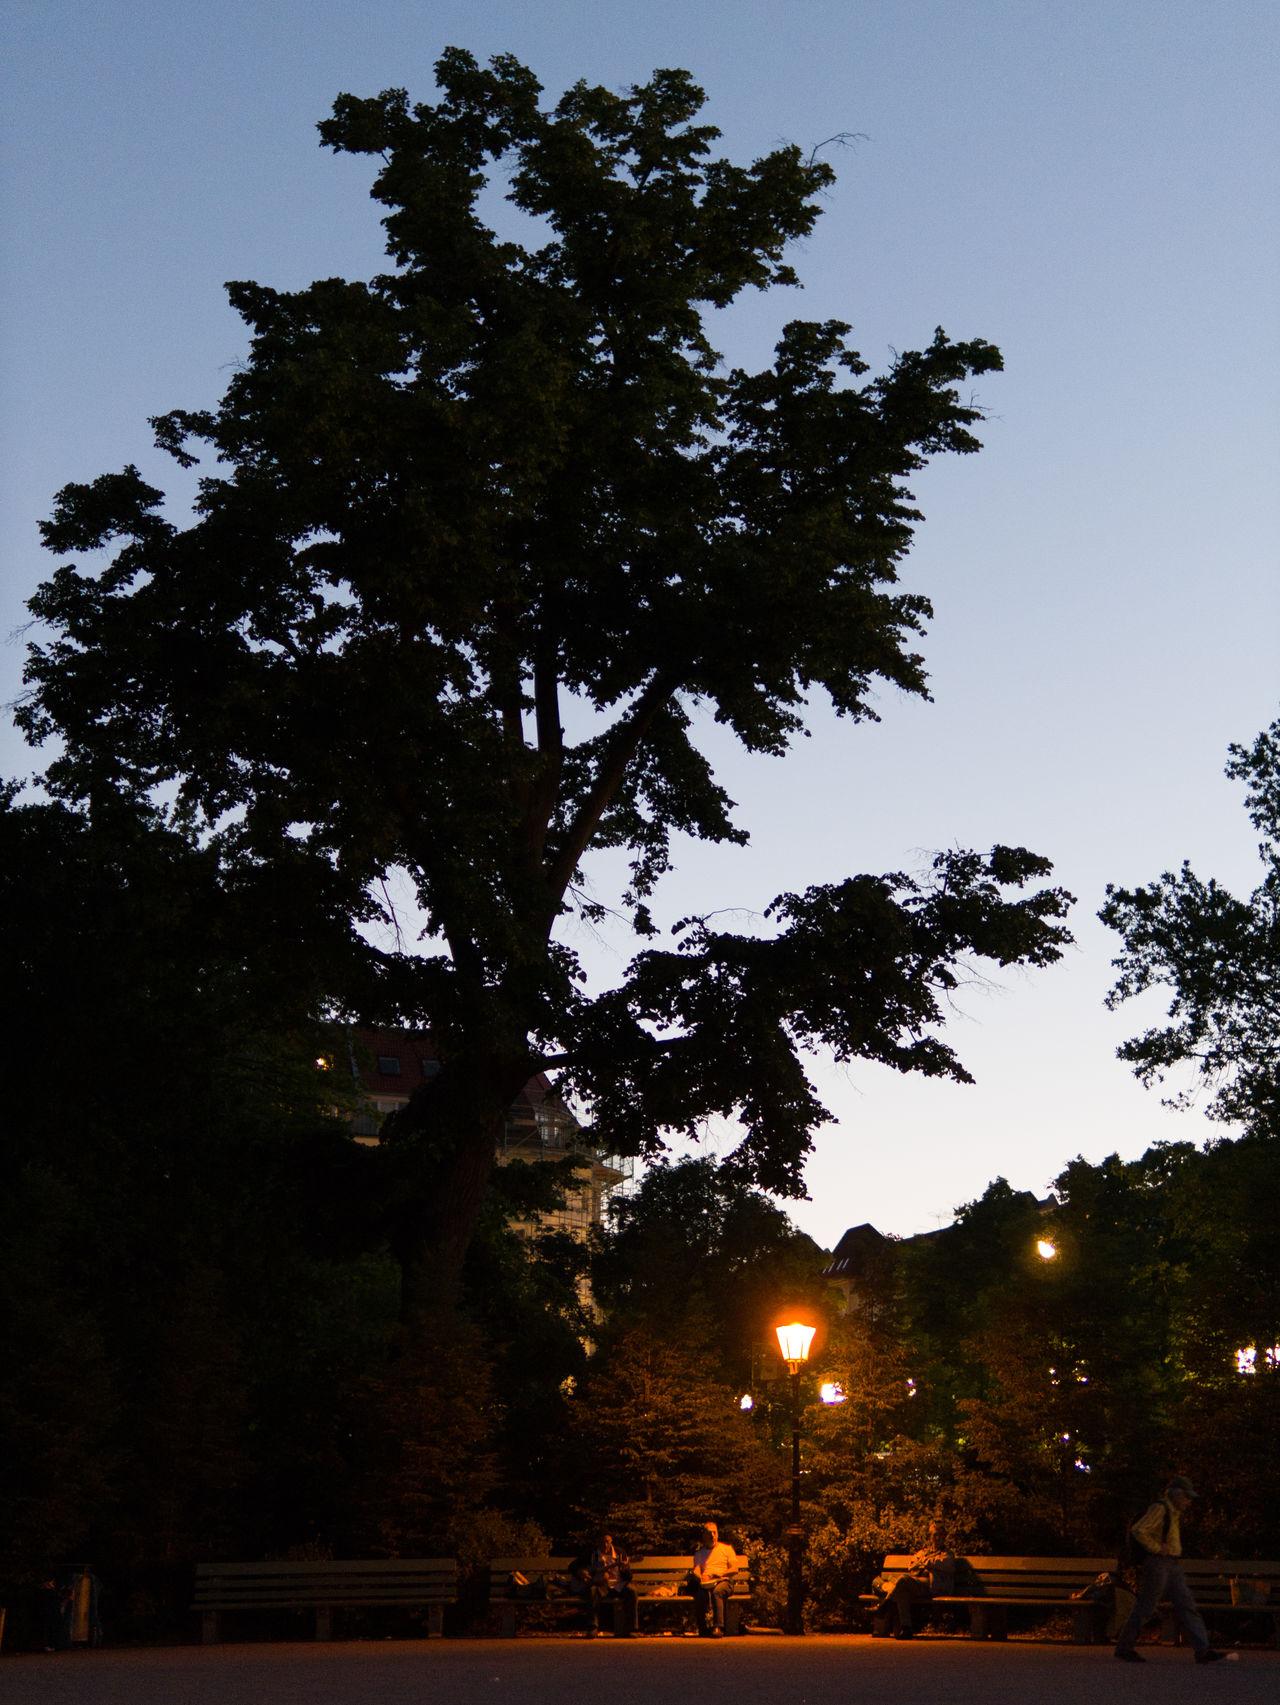 Lietzensee LietzenseePark Berlin Berliner Ansichten Gitarre Musiker Trommler Gitarrist Abend Abendstimmung Abenddämmerung Drum Dunkel Monochrome Minimalism Minimal Minimalobsession Musik Illuminated Bank Abends Rural Scene Park Nature